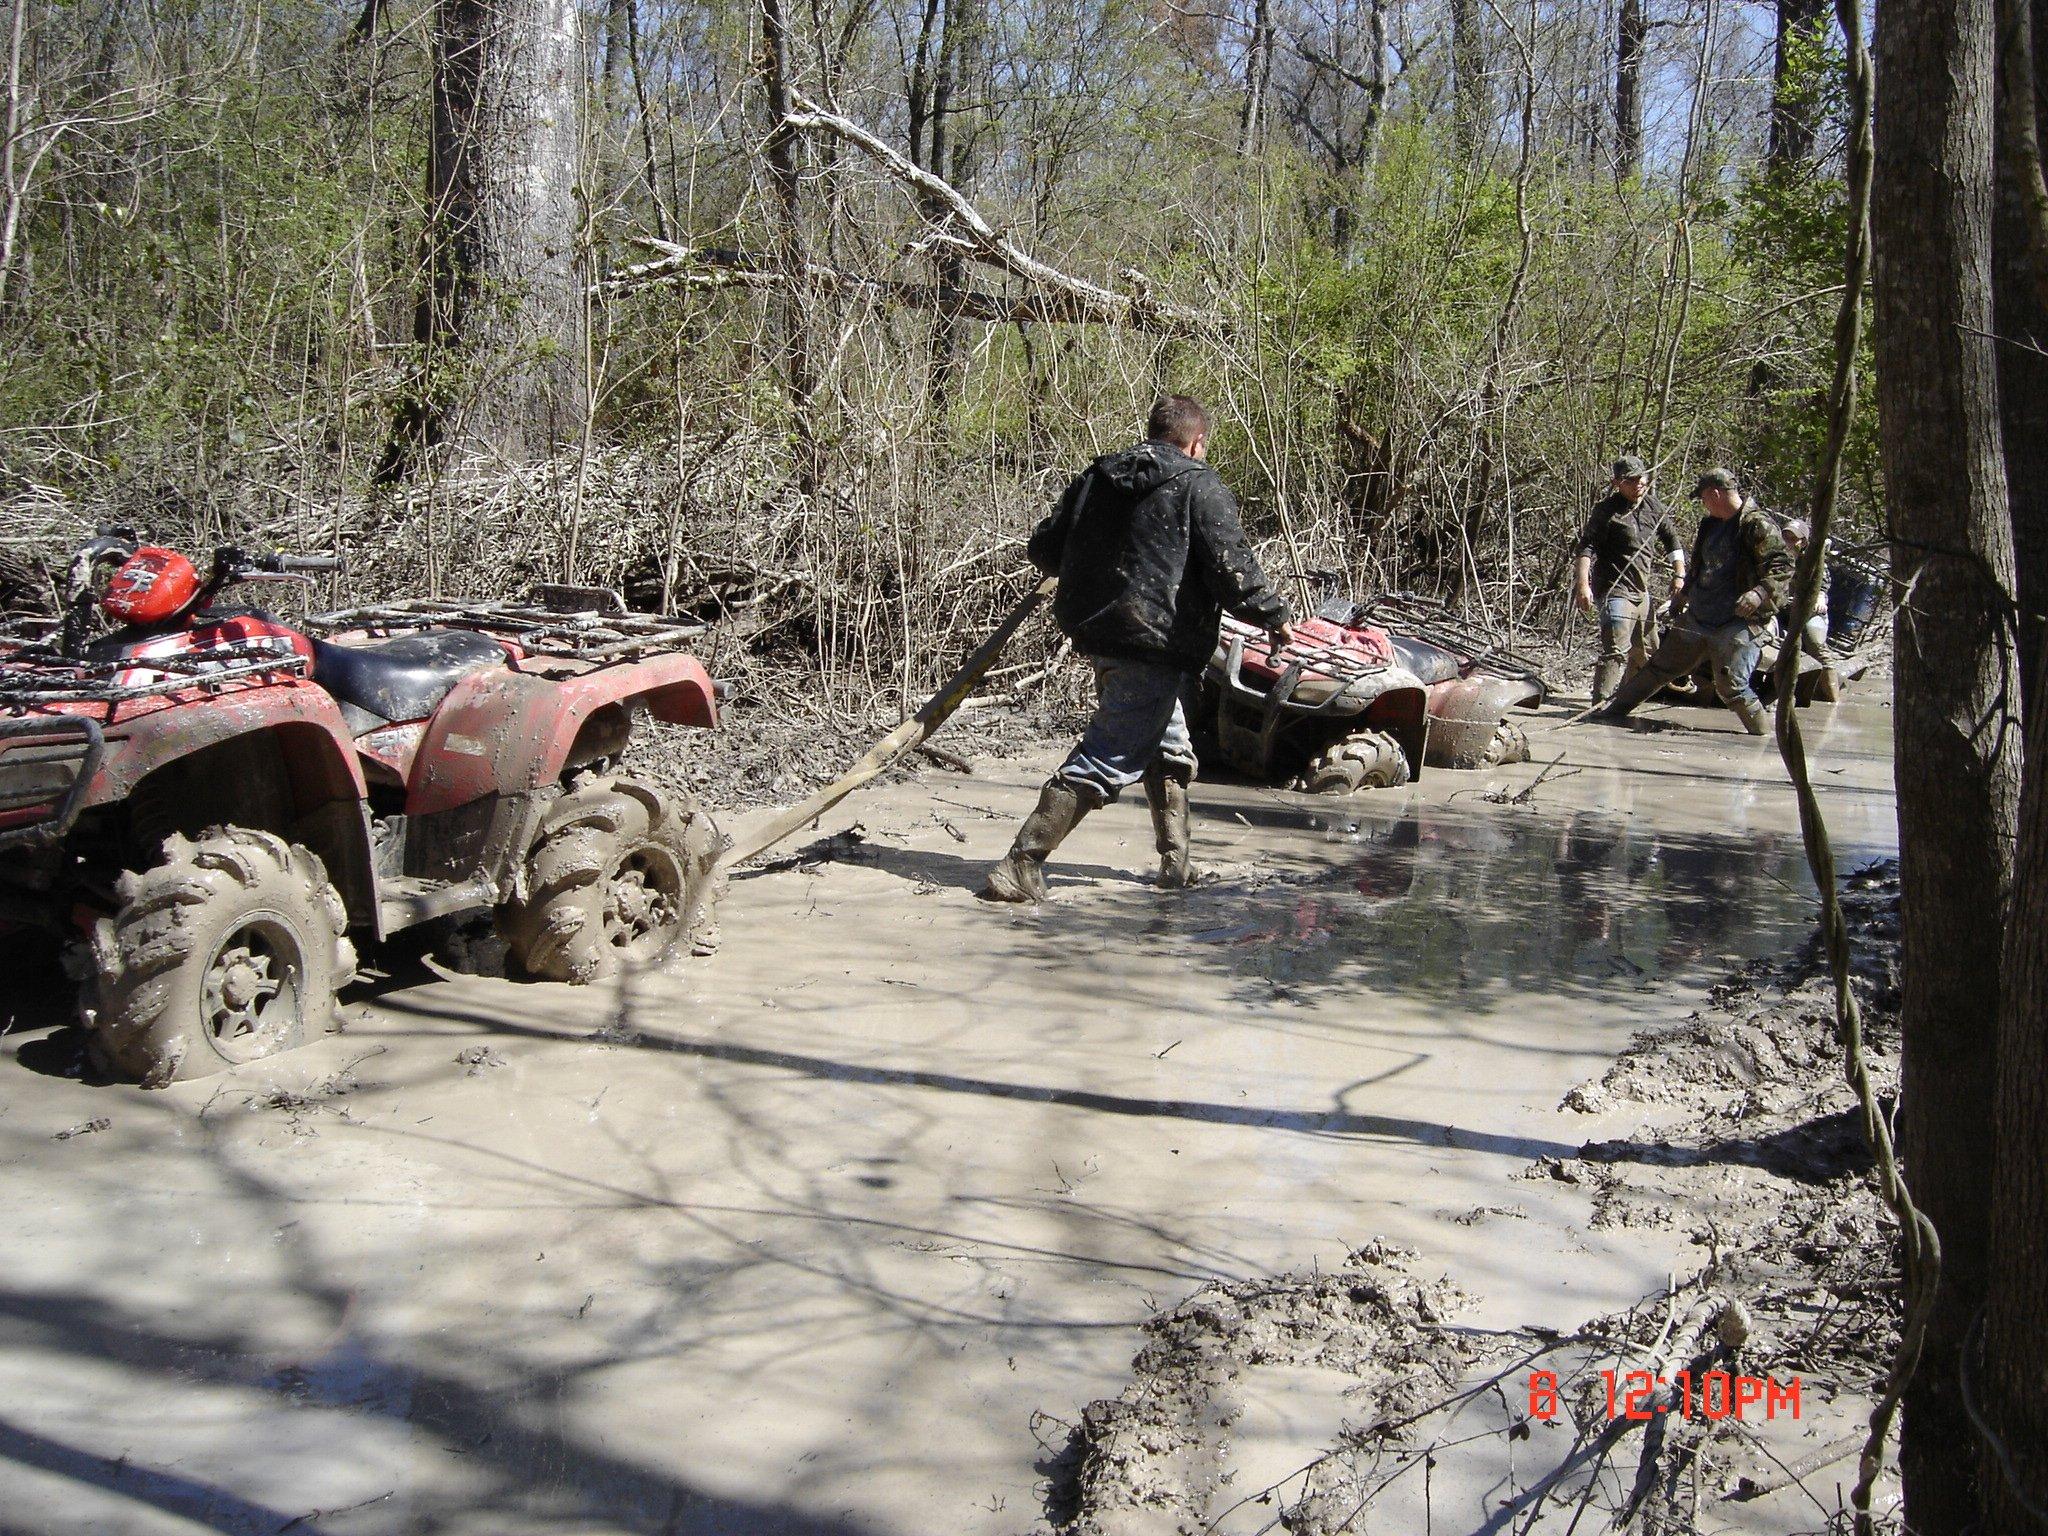 ATV Pictures: ATV Riding Through the Mud in Ontario, ATV Images